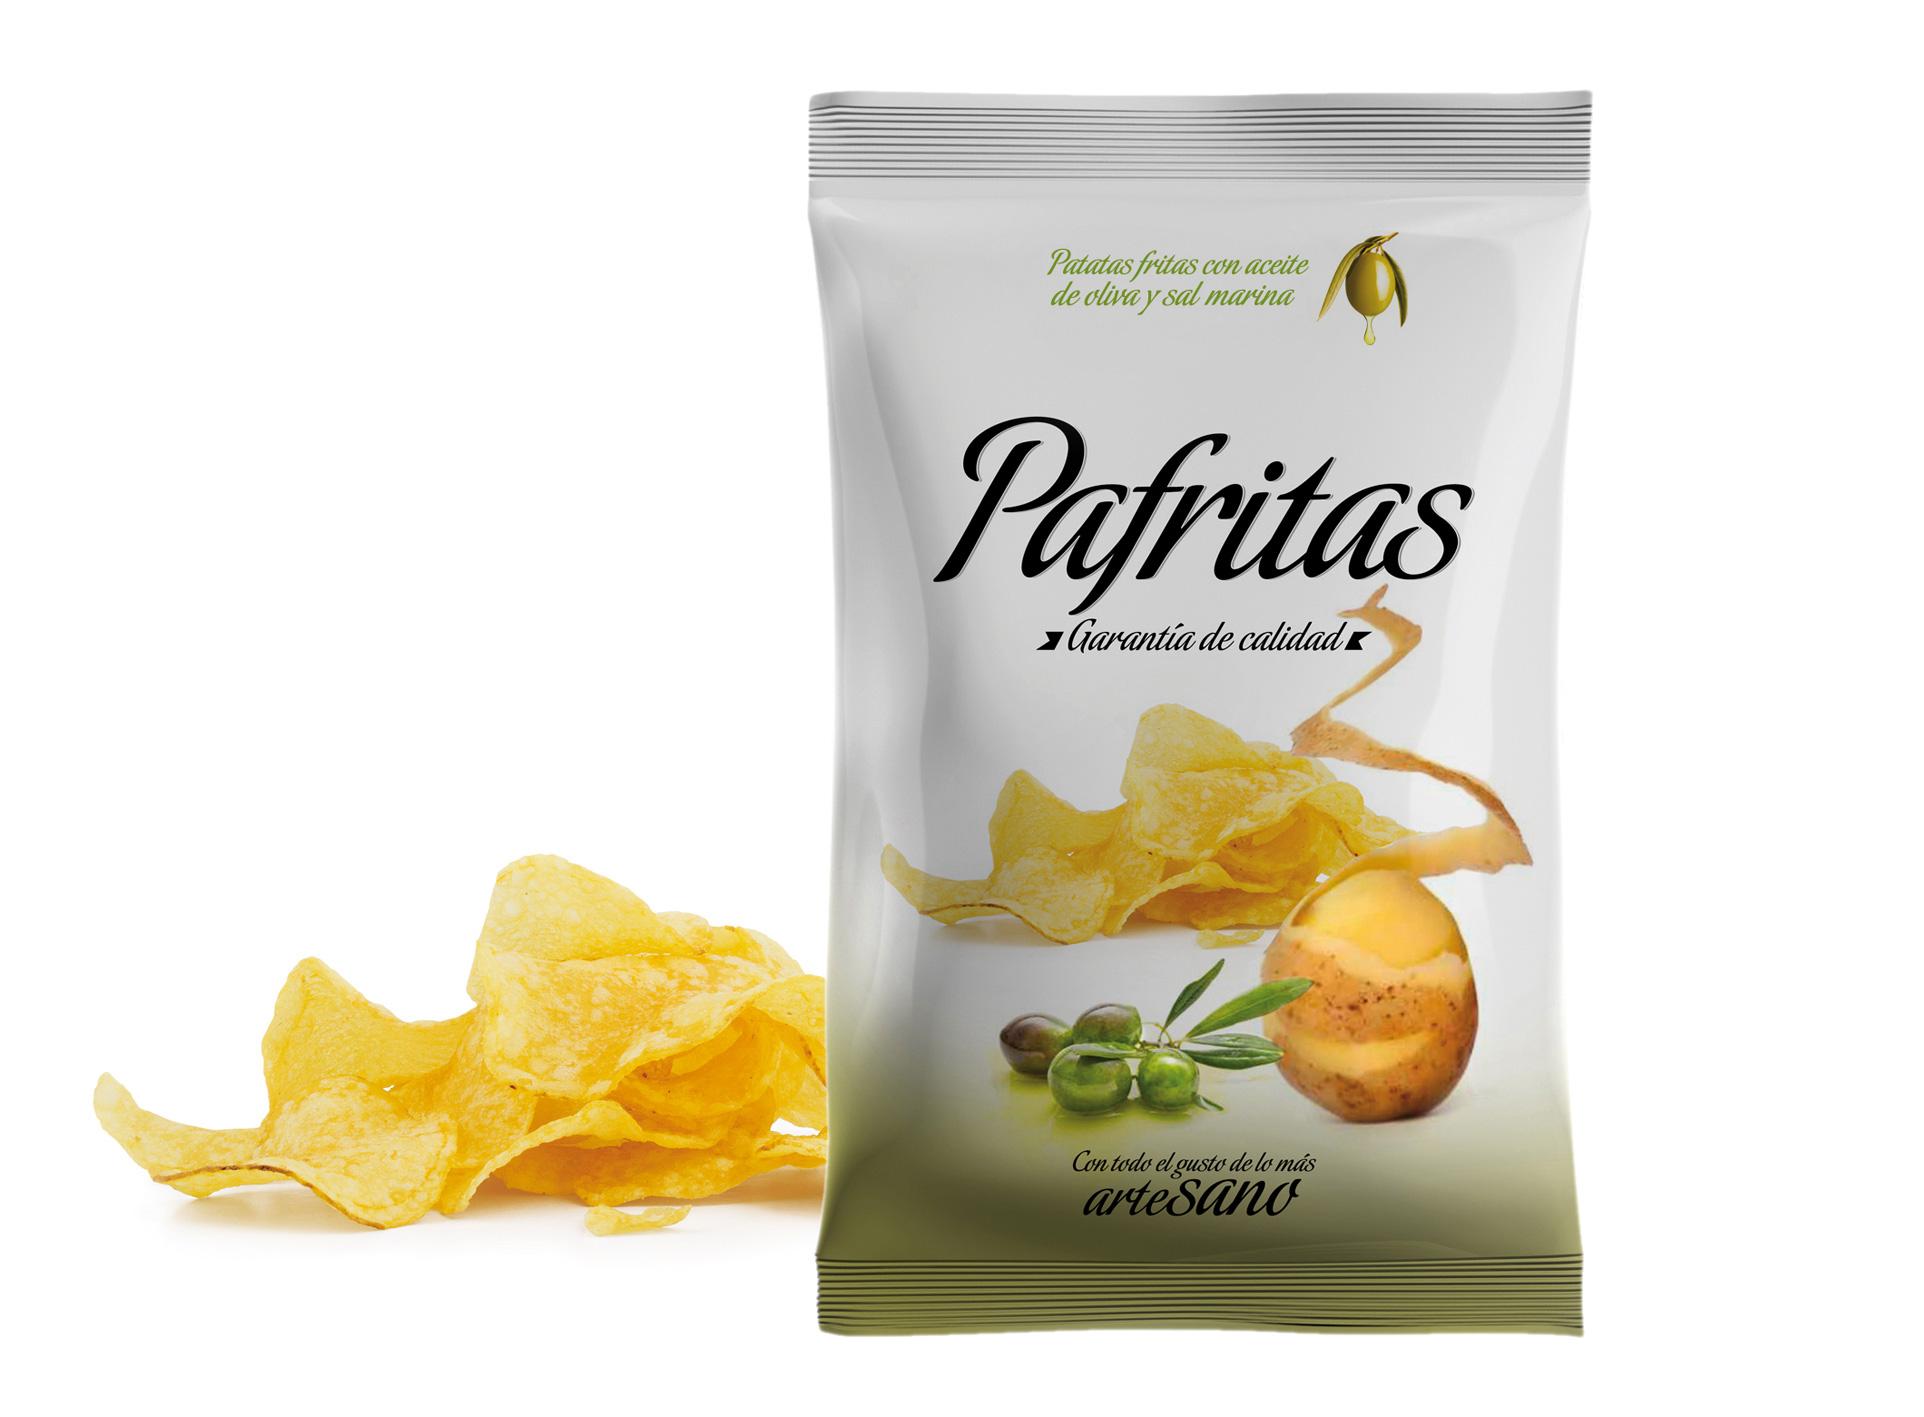 Pafritas_Sal_Marina_140_grs_Patatas_Fritas_Artesanas_Navarrete_La_Rioja